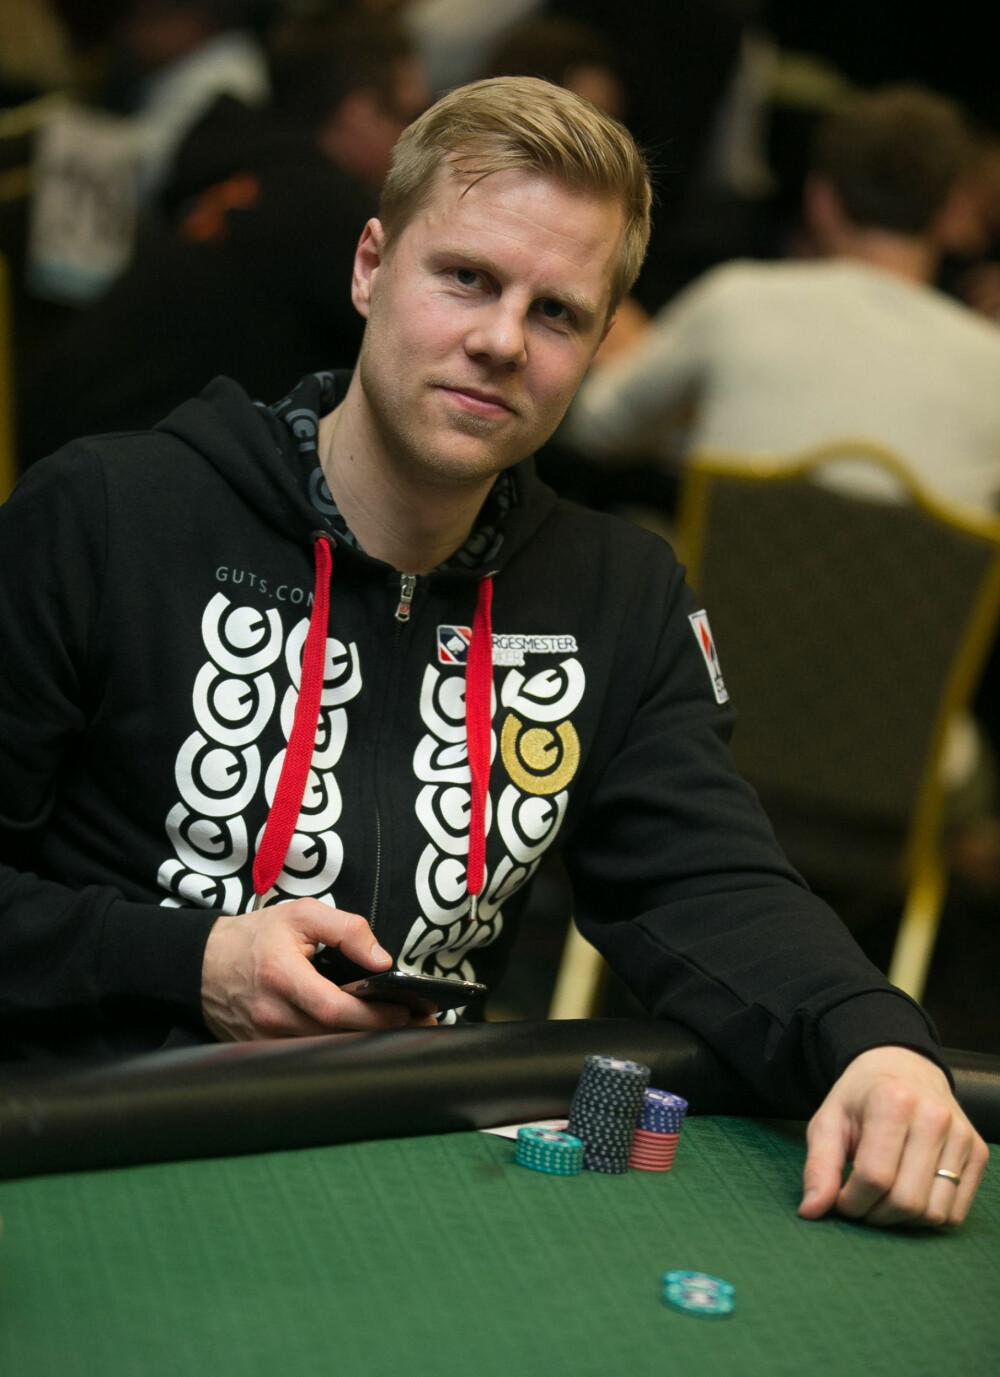 LEGENDE: Bodøværingen Odd Erlend Jensen har spilt poker i 14 år og har deltatt i hvert eneste NM siden oppstarten. Han har to NM-titler og leder også suverent i poeng sammenlagt fra NM-deltakelse.